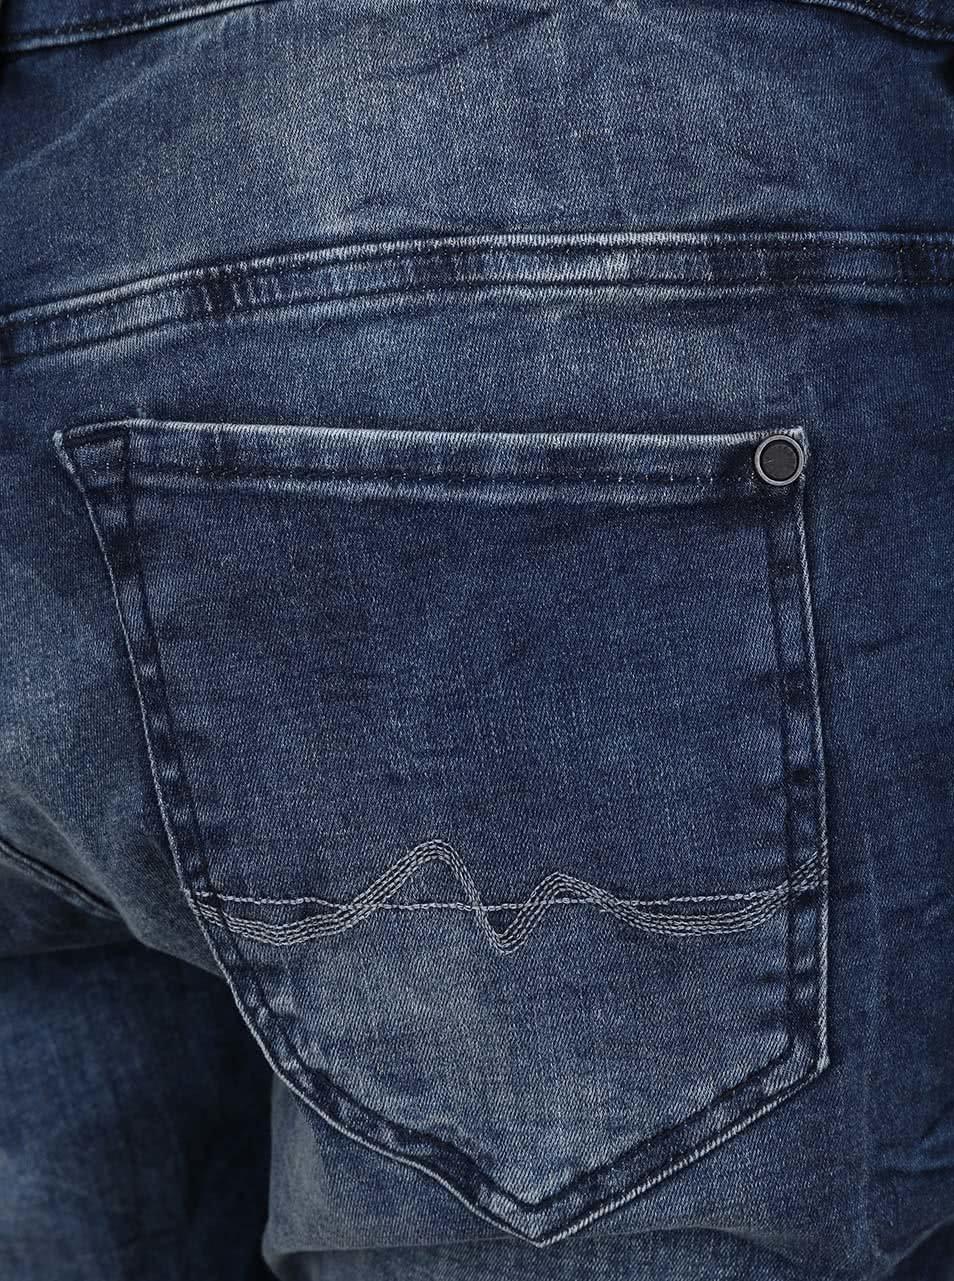 Tmavě modré dámské džíny se sníženým sedem Pepe Jeans Topsy ... 930ca3b10d